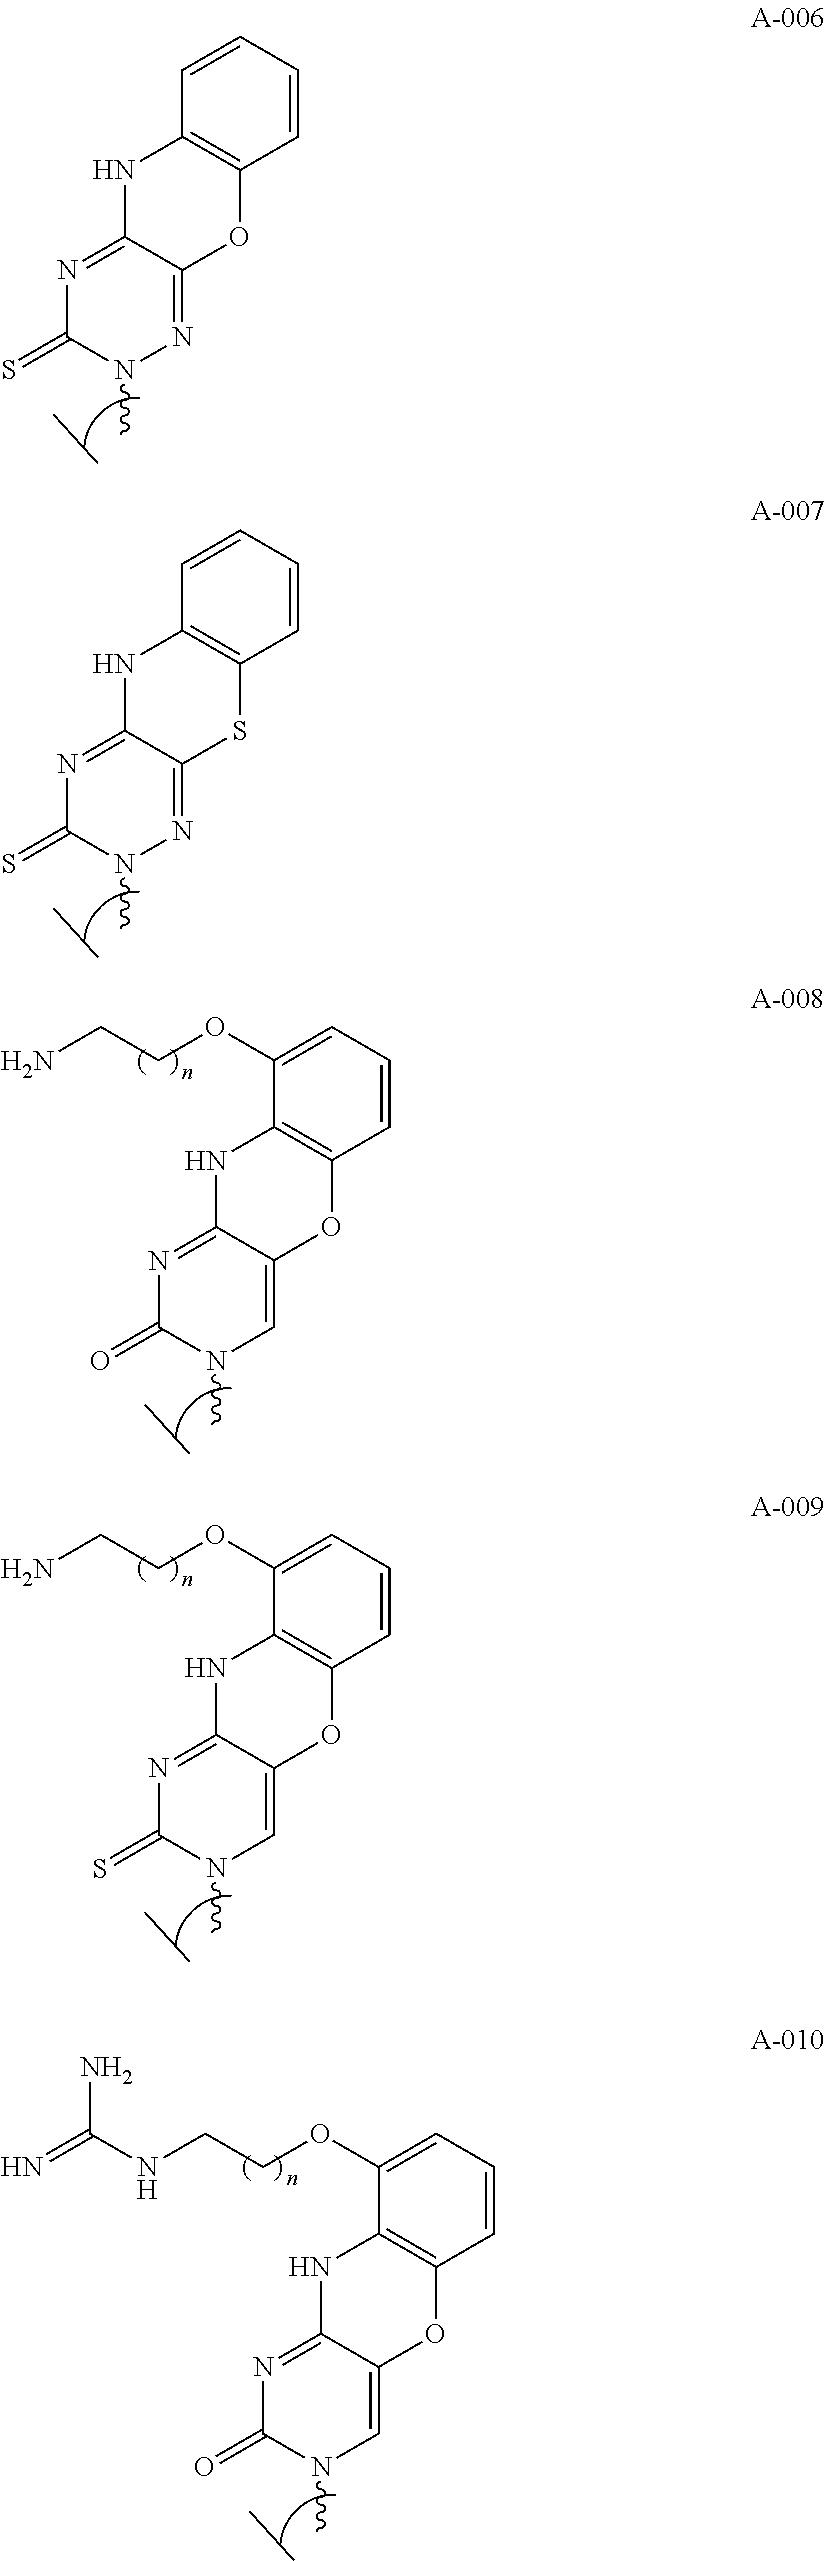 Figure US20110118339A1-20110519-C00018